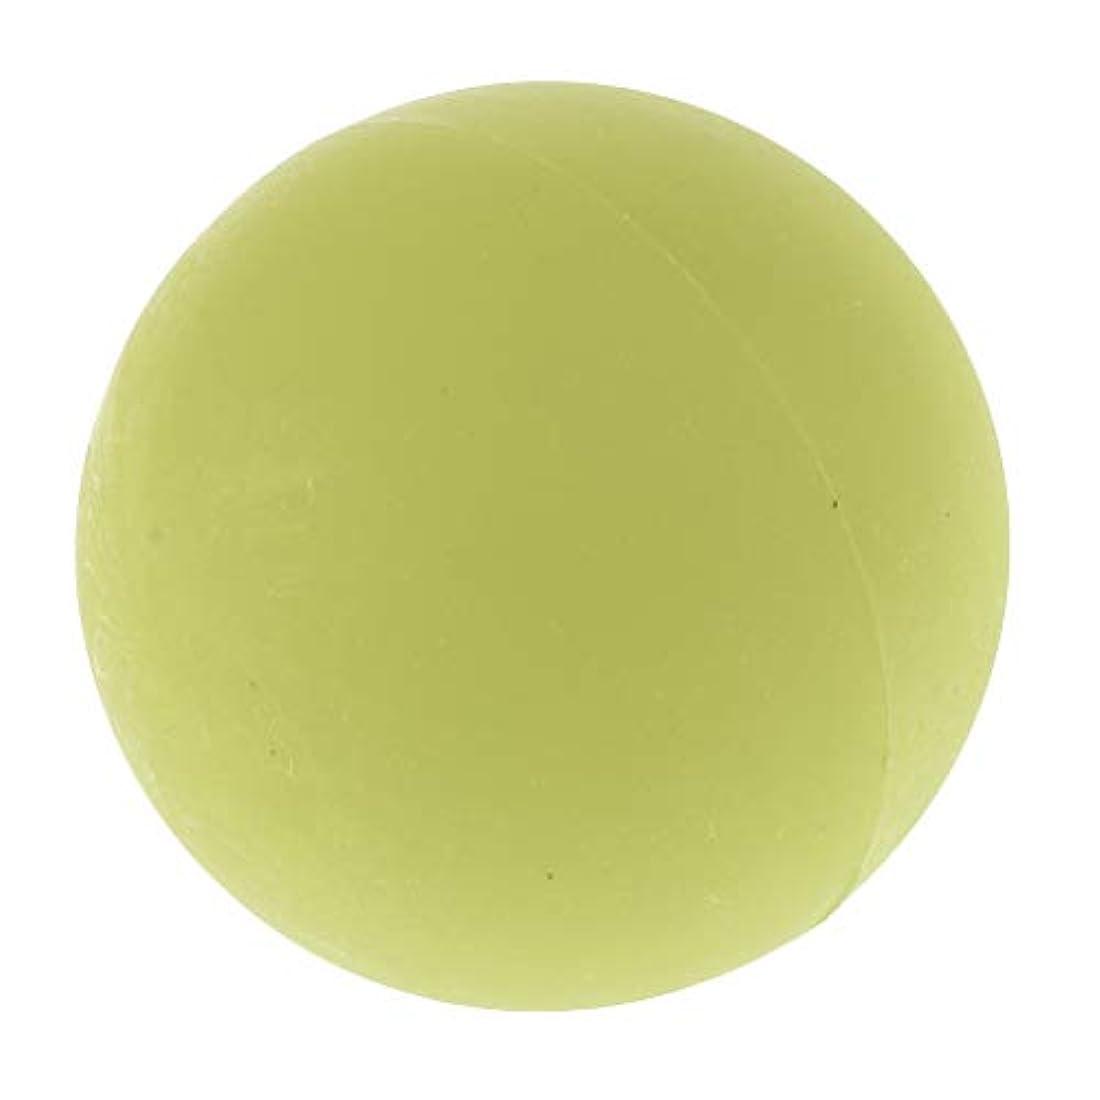 堂々たる読む劇場エクササイズ 筋膜リリース マッサージボール トレーニングボール ソフトボール ツボ押しグッズ 全4色 - 緑